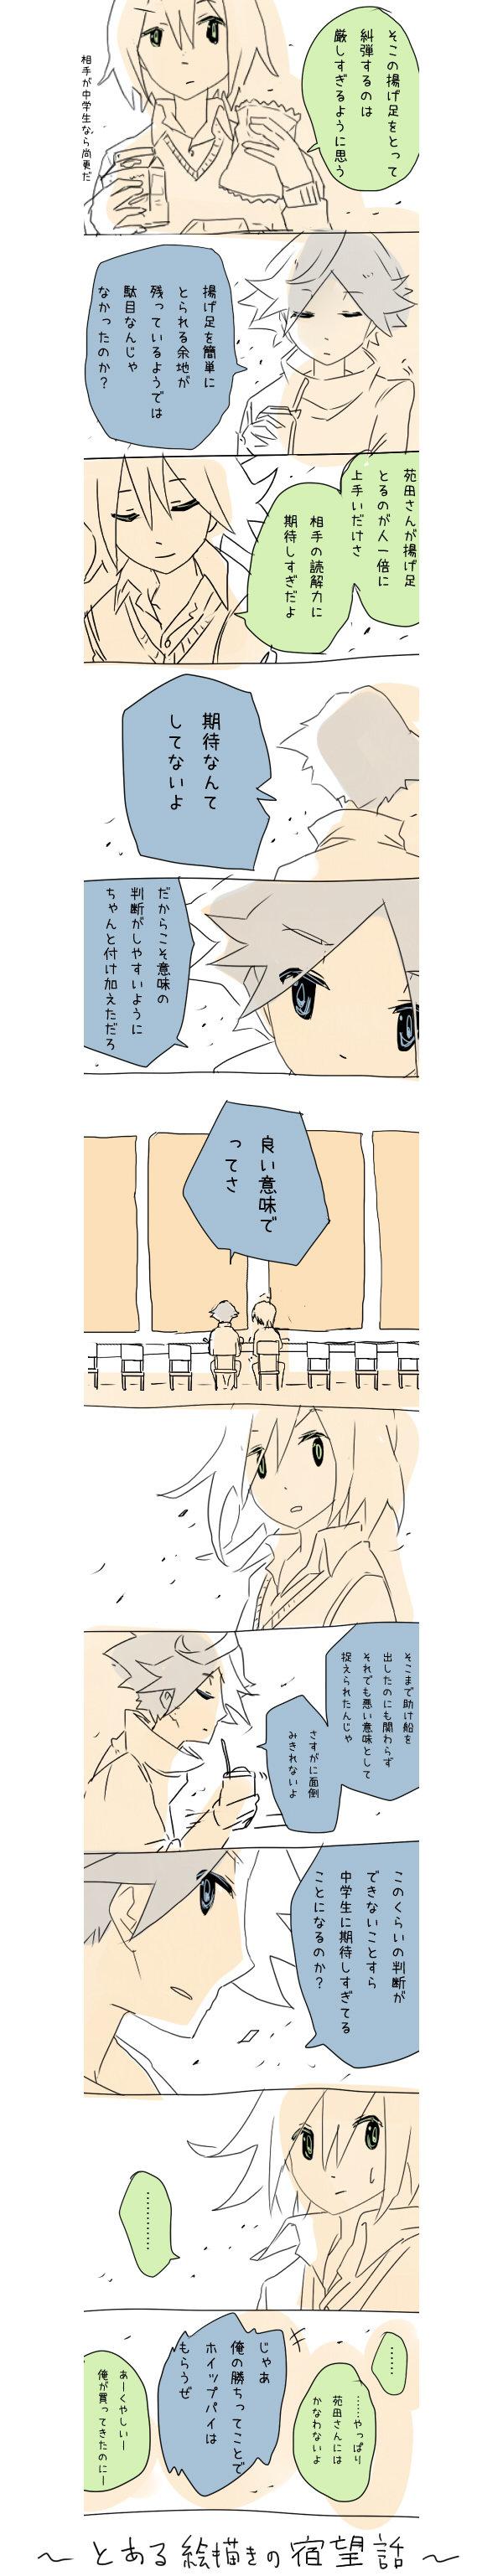 yobi_c003.jpg